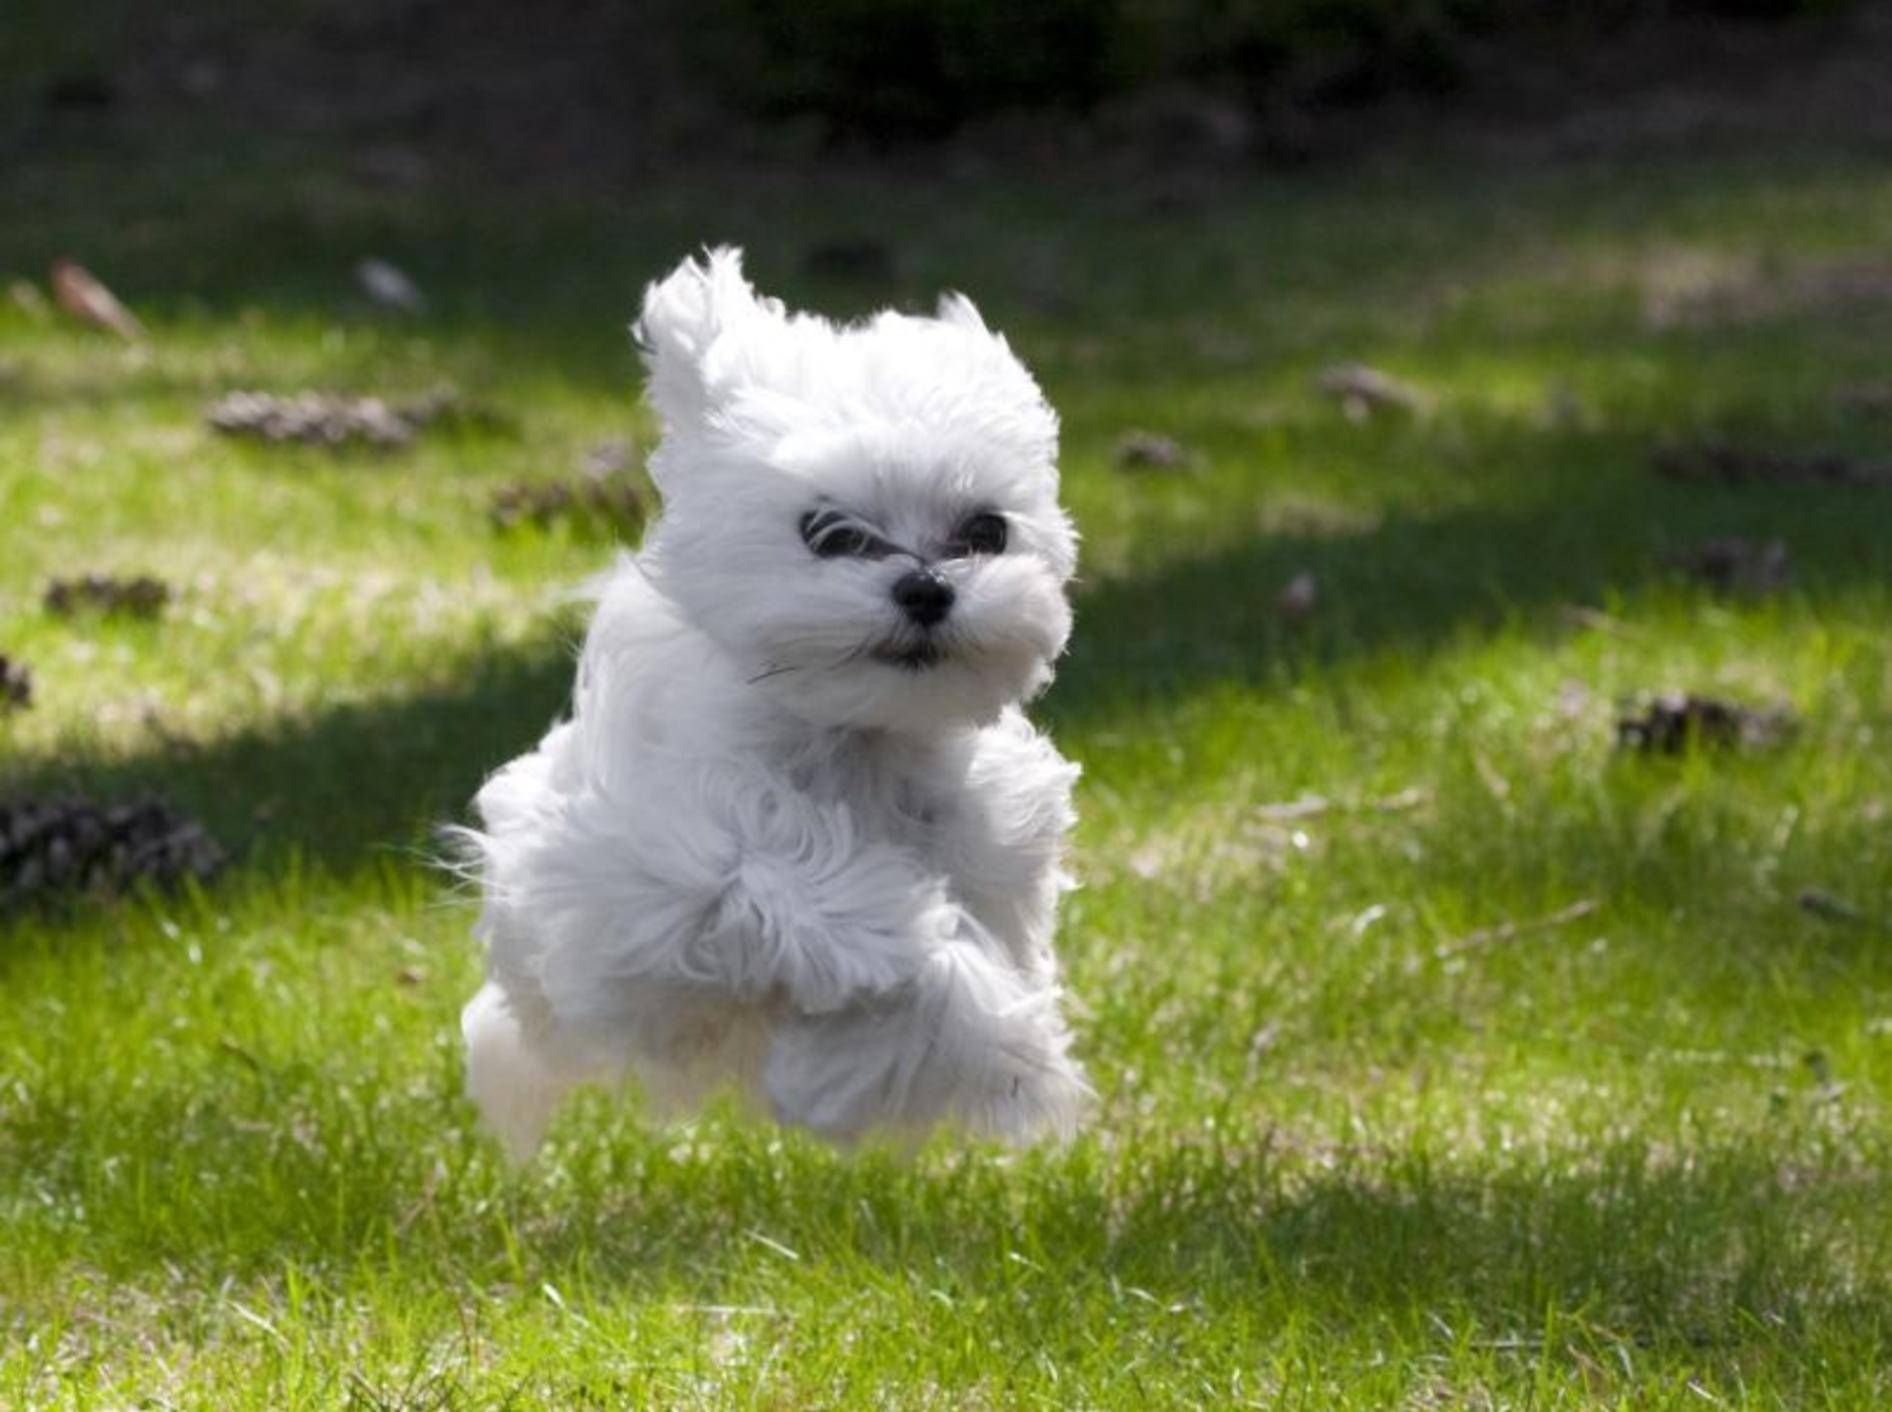 Dieser Malteser-Welpe findet: Rennen macht Spaß!!! – Bild: Shutterstock / MG photos